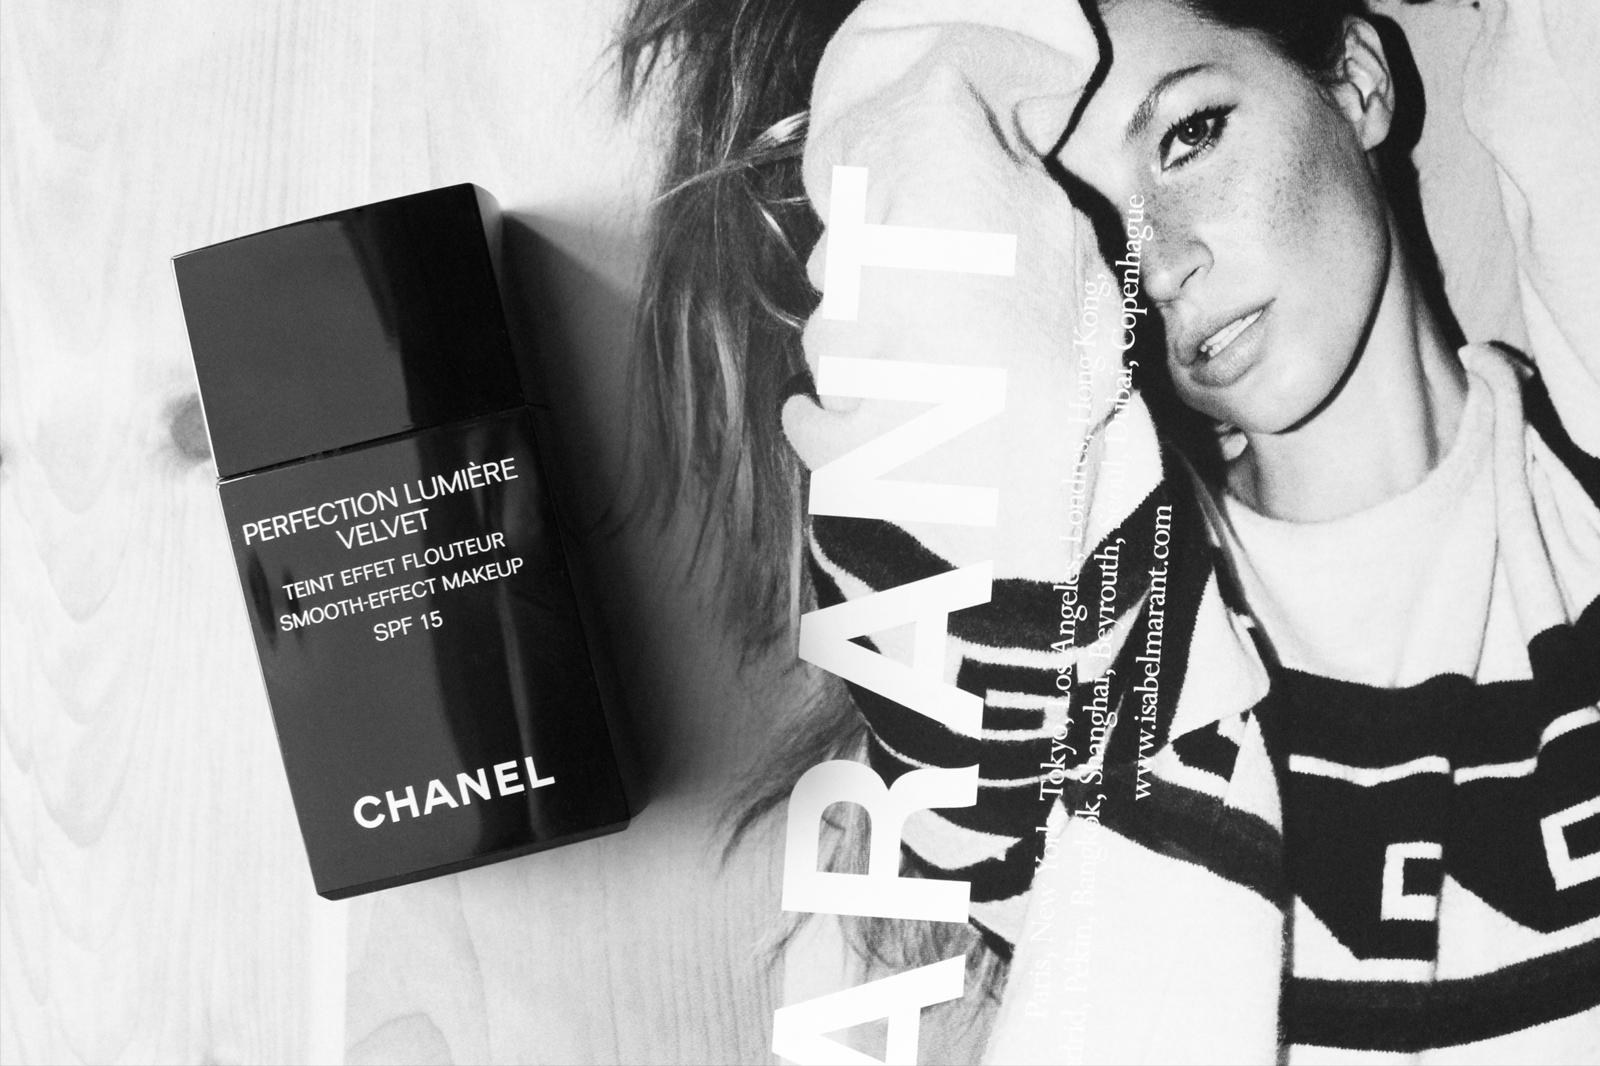 Chanel01